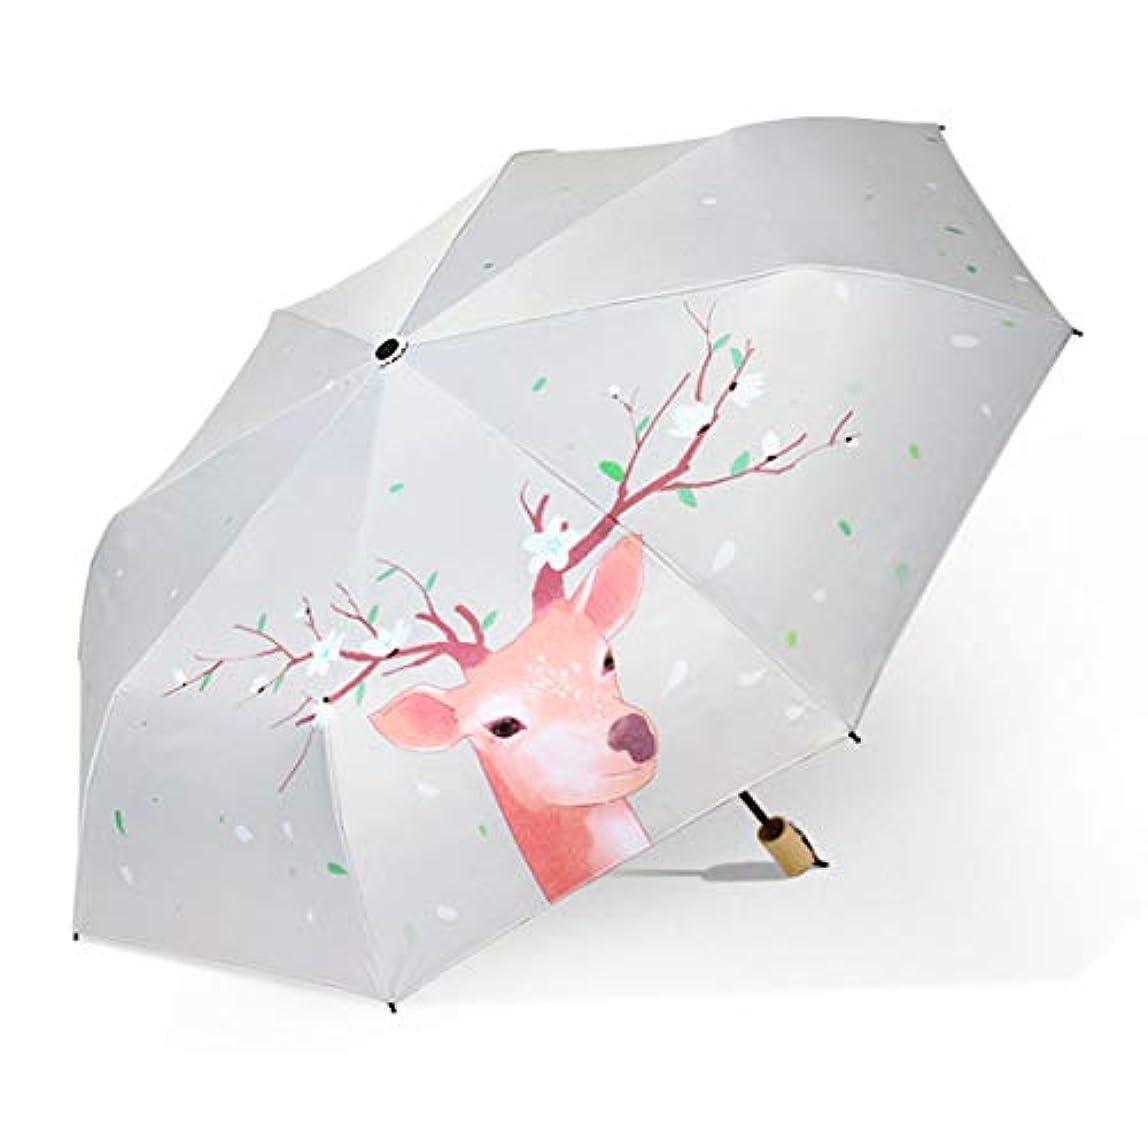 排除する安いです所有者HOHYLLYA 日光傘女性ライトカラー屋外傘防水紫外線保護雨傘鹿パターン傘 sunshade (色 : ホワイト)